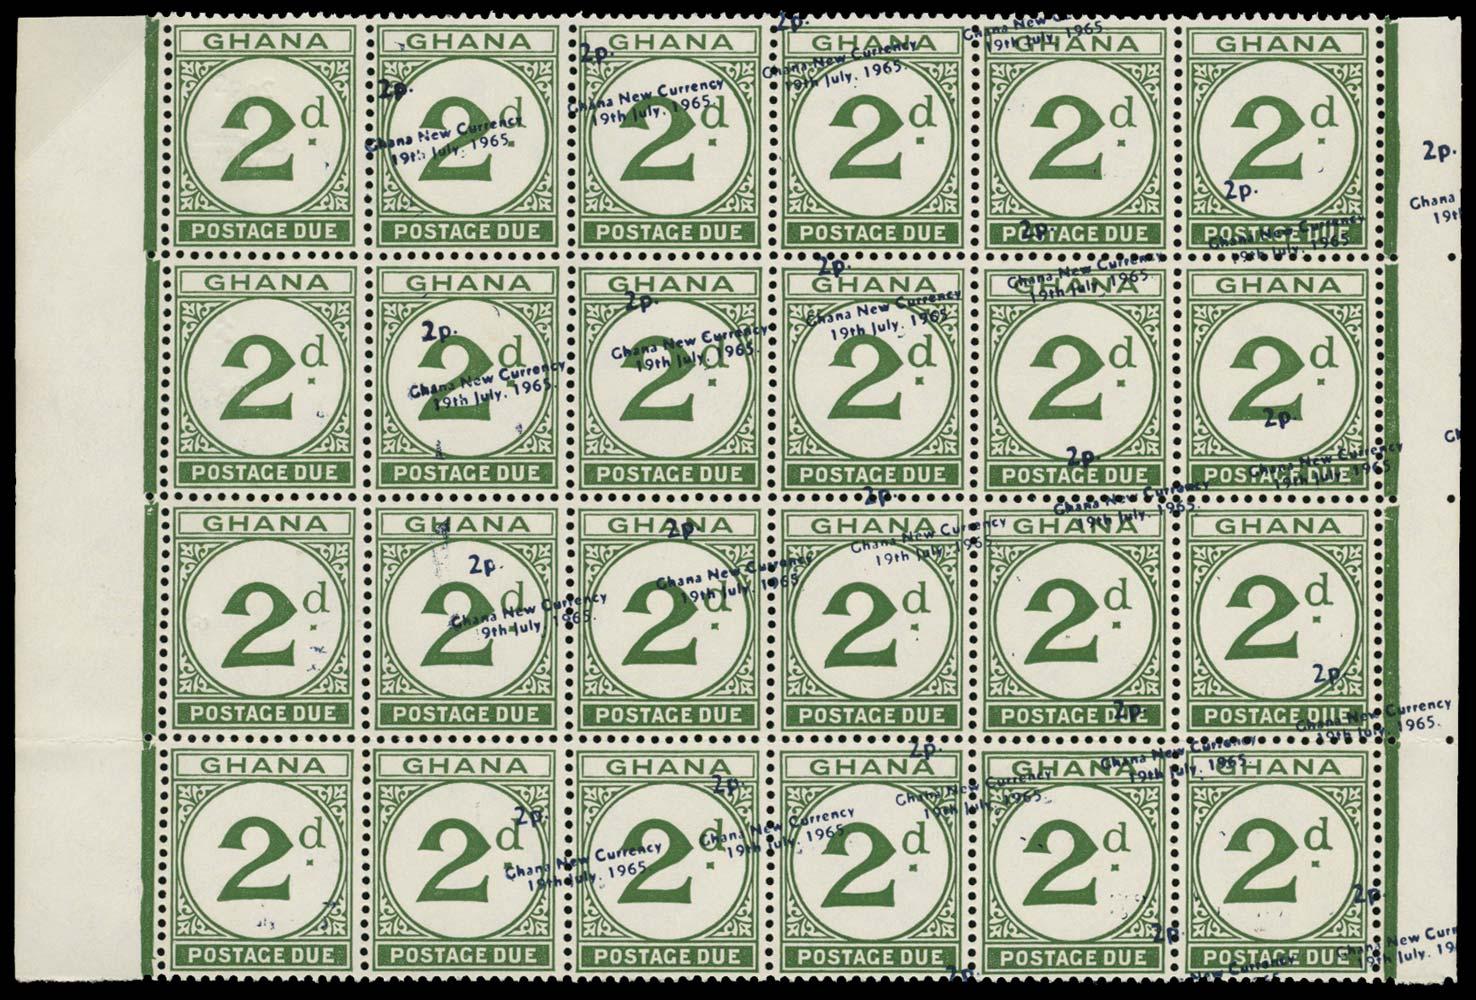 GHANA 1965  SGD20/d Postage Due